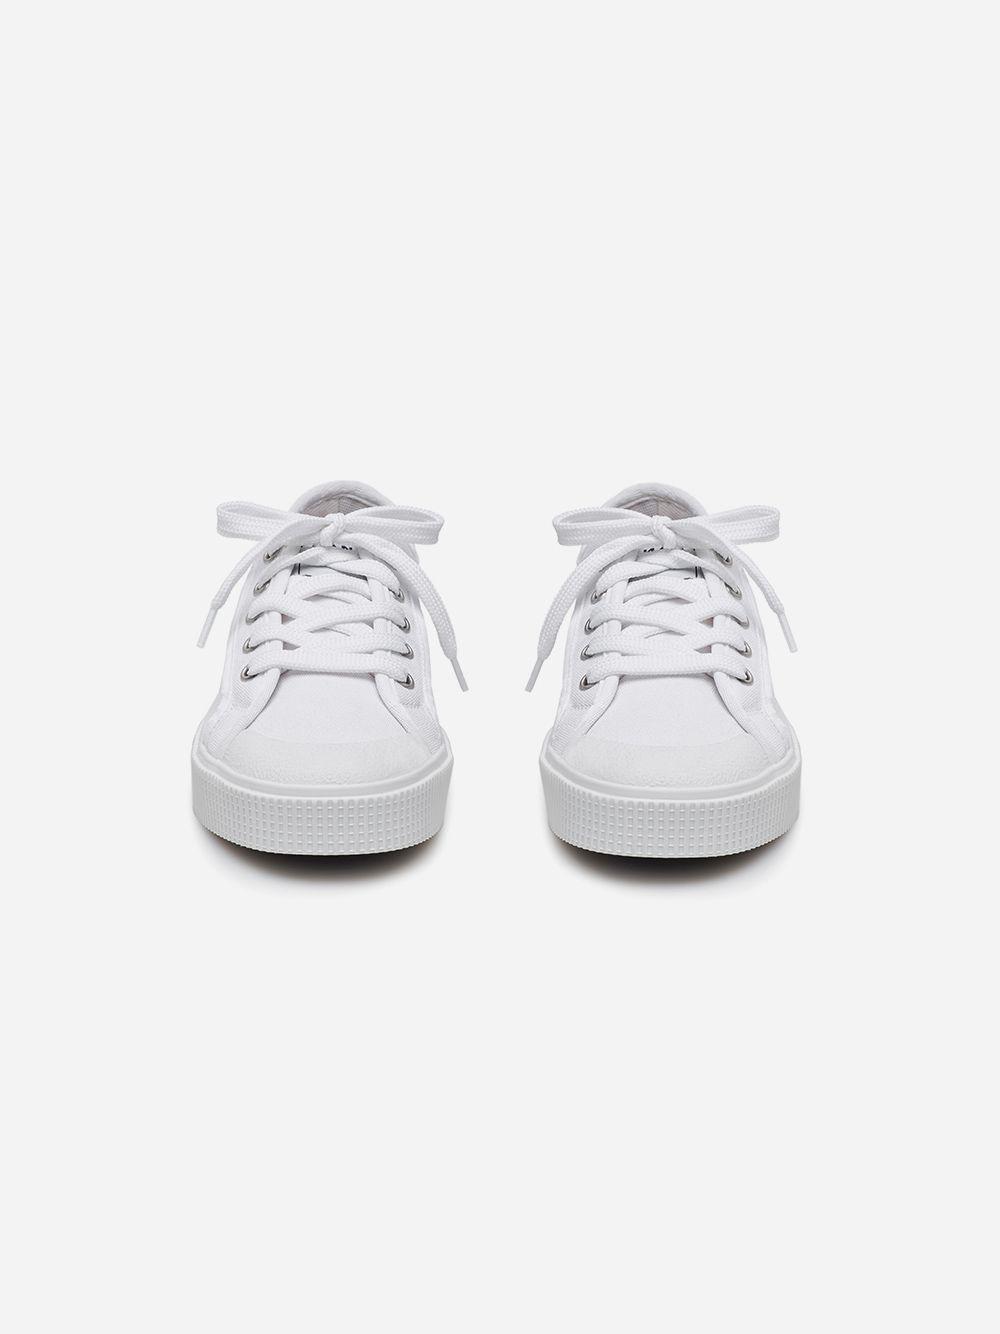 Sapatilha K200 Branco | Sanjo